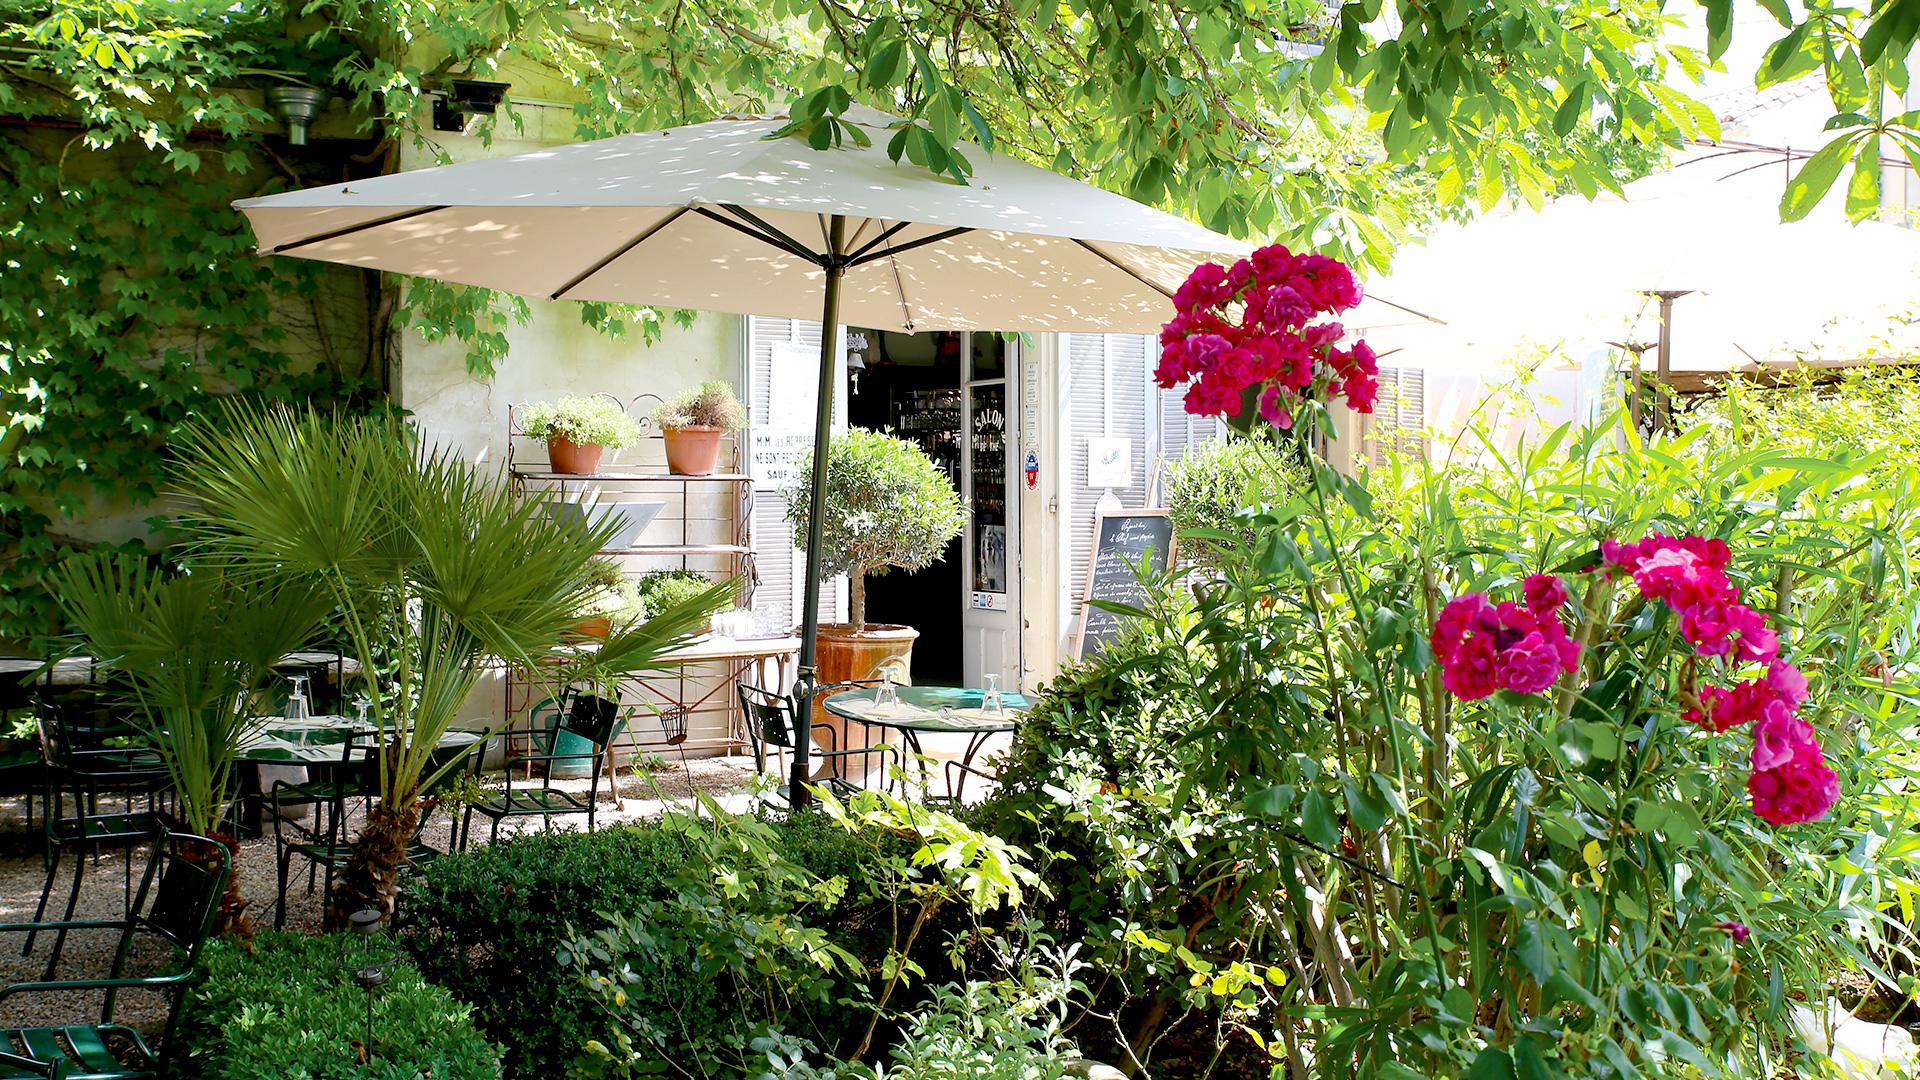 Le jardin du quai restaurant l isle sur la sorgue - Le jardin du quai isle sur la sorgue ...